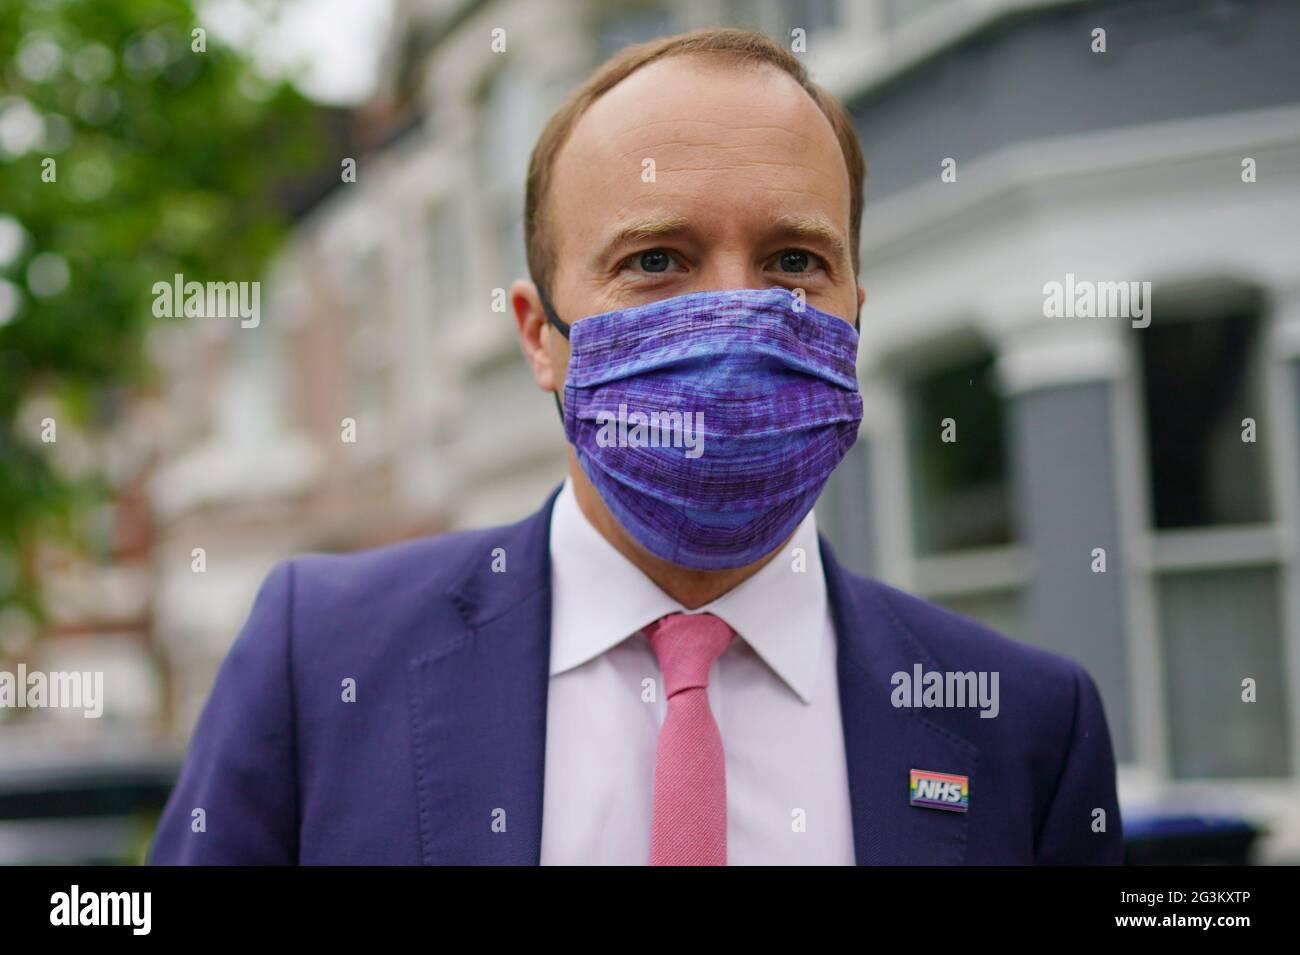 Gesundheitsminister Matt Hancock vor seinem Haus im Nordwesten Londons, einen Tag nach der Veröffentlichung einer Reihe von WhatsApp-Börsen, die ihn wegen Coronavirus-Tests kritisierten. Bilddatum: Donnerstag, 17. Juni 2021. Stockfoto